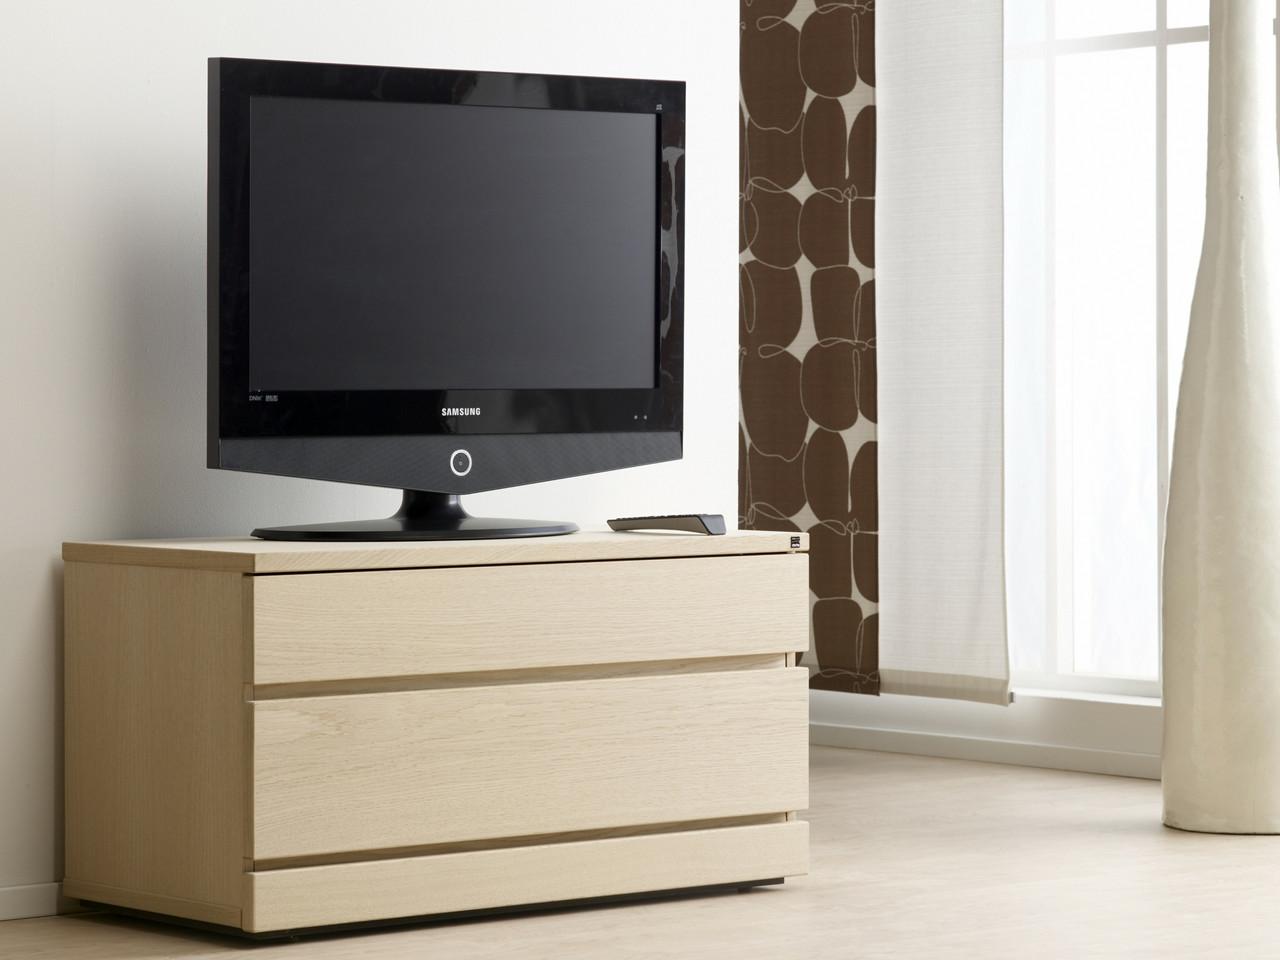 skovby sm 86 tv hi fi lowboard. Black Bedroom Furniture Sets. Home Design Ideas